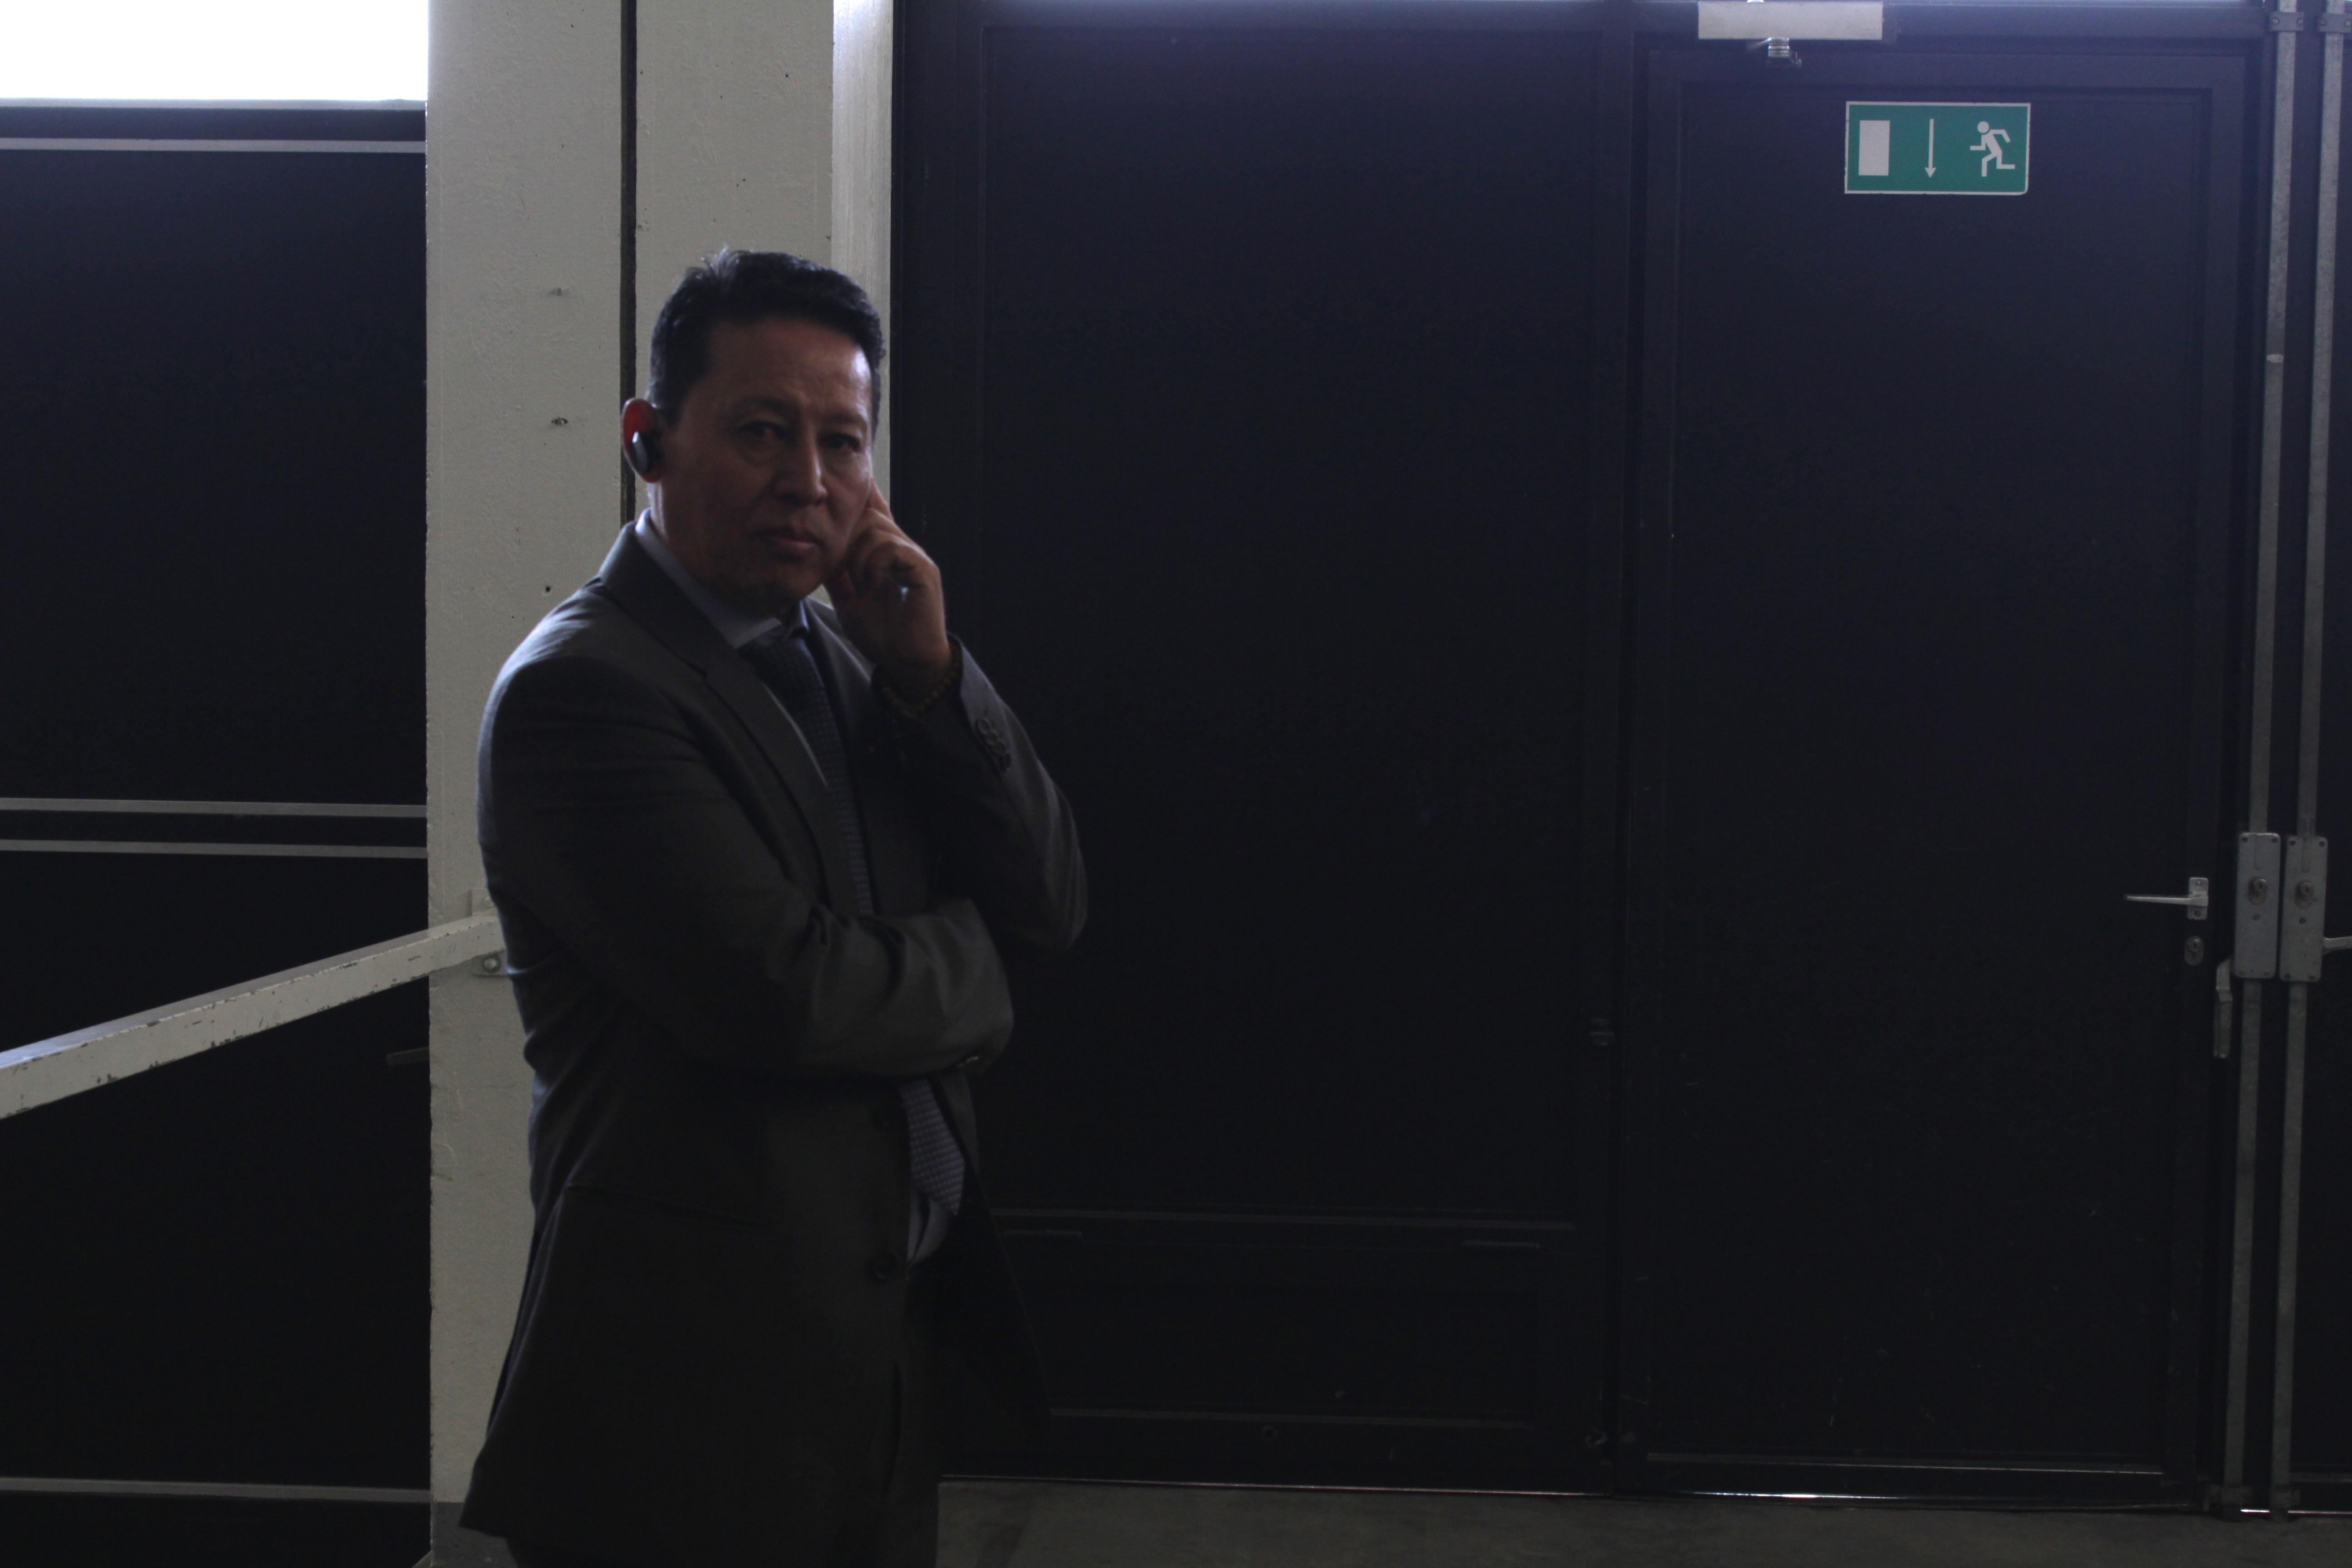 Einer der zahlreichen Security-Leute rund um die St. Jakobhalle